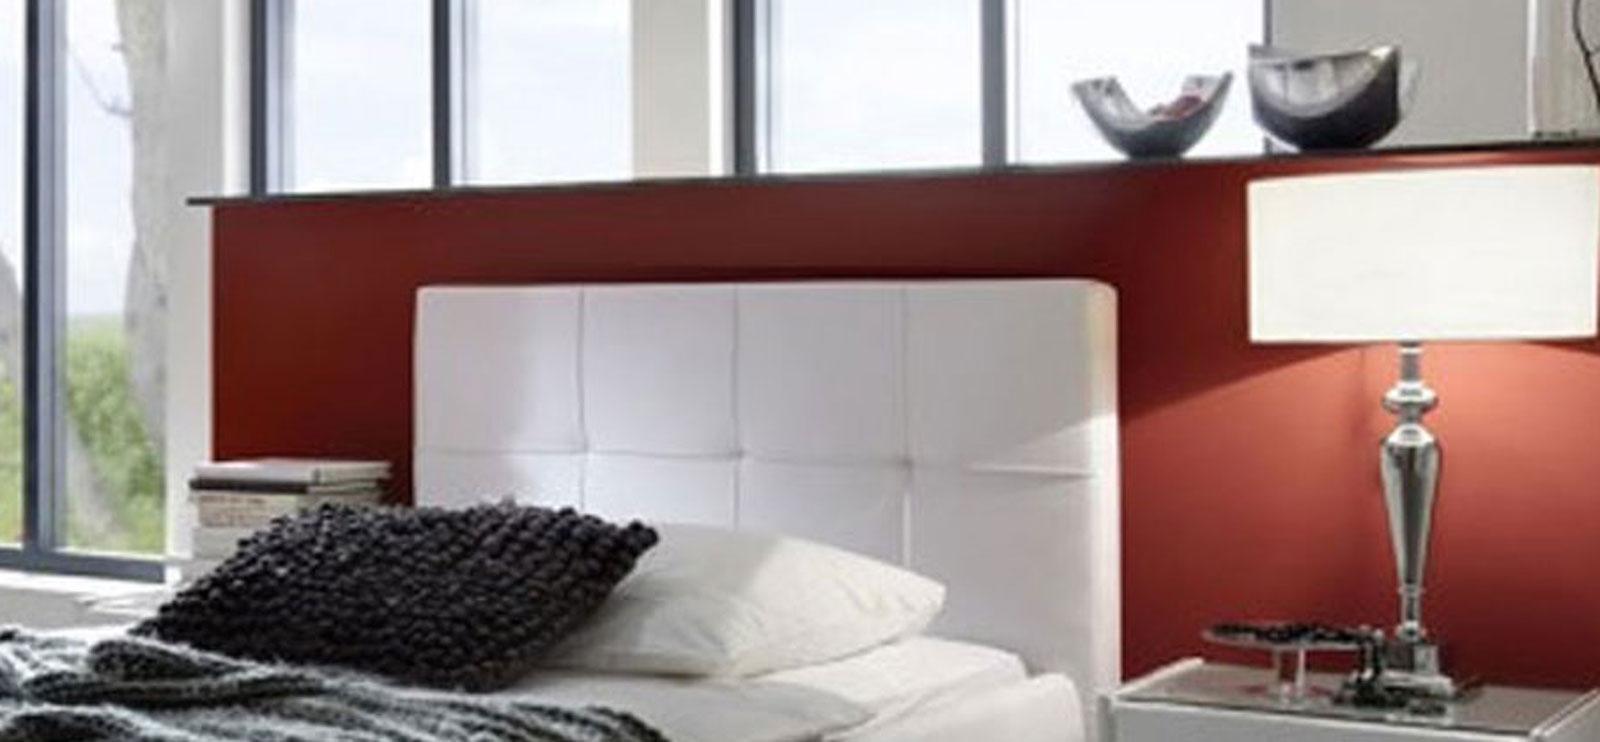 bett 100 200, sam® polsterbett jugendbett bett 100 x 200 cm weiß zarah, Design ideen